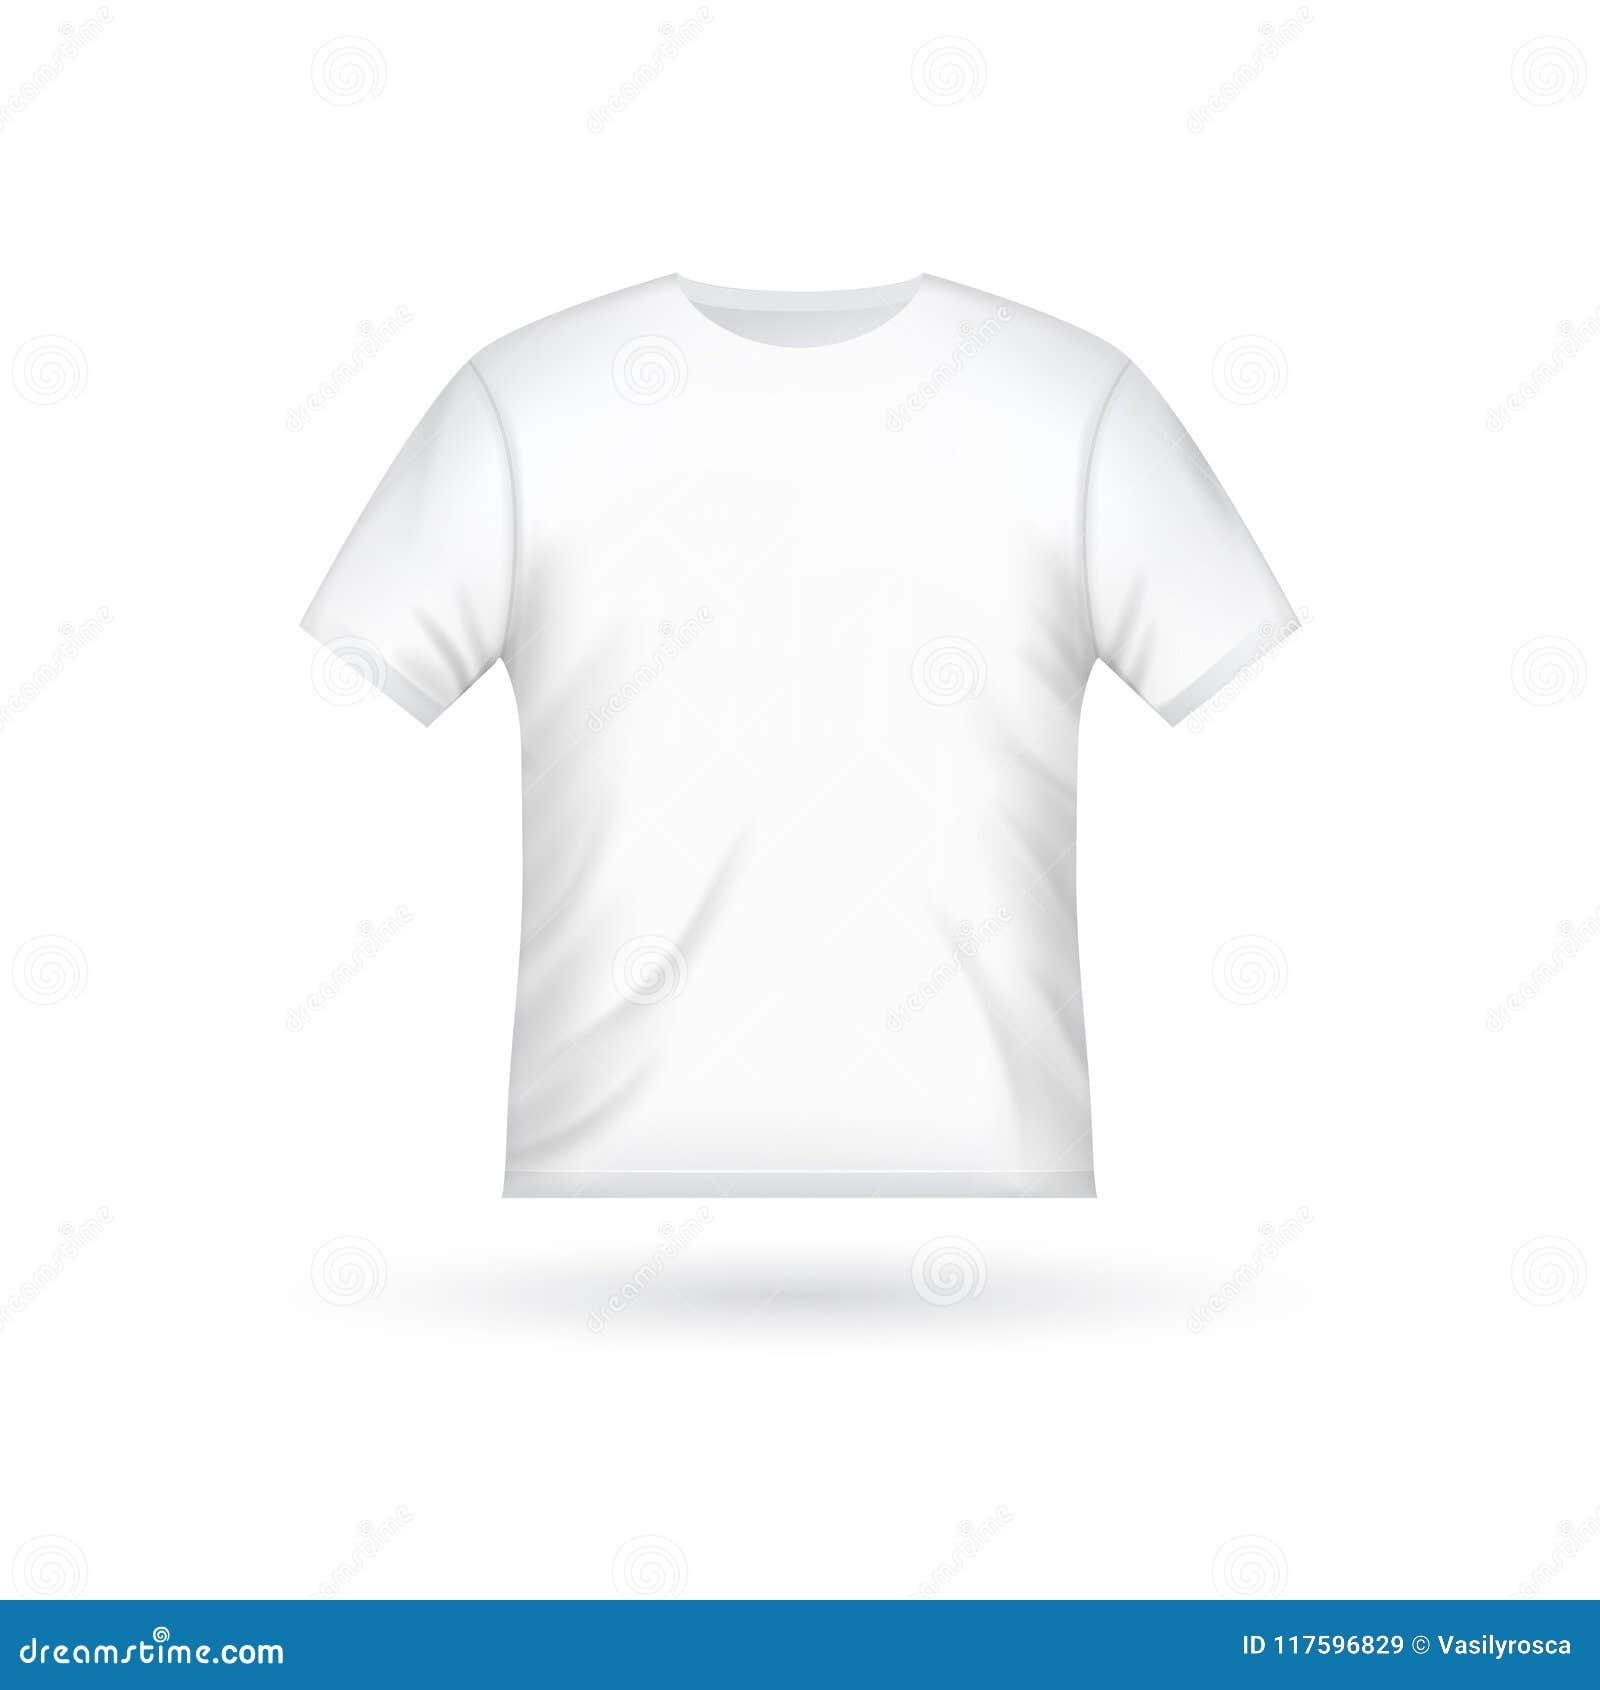 Hermosa Camiseta Psd Plantillas Inspiración - Ejemplo De Colección ...